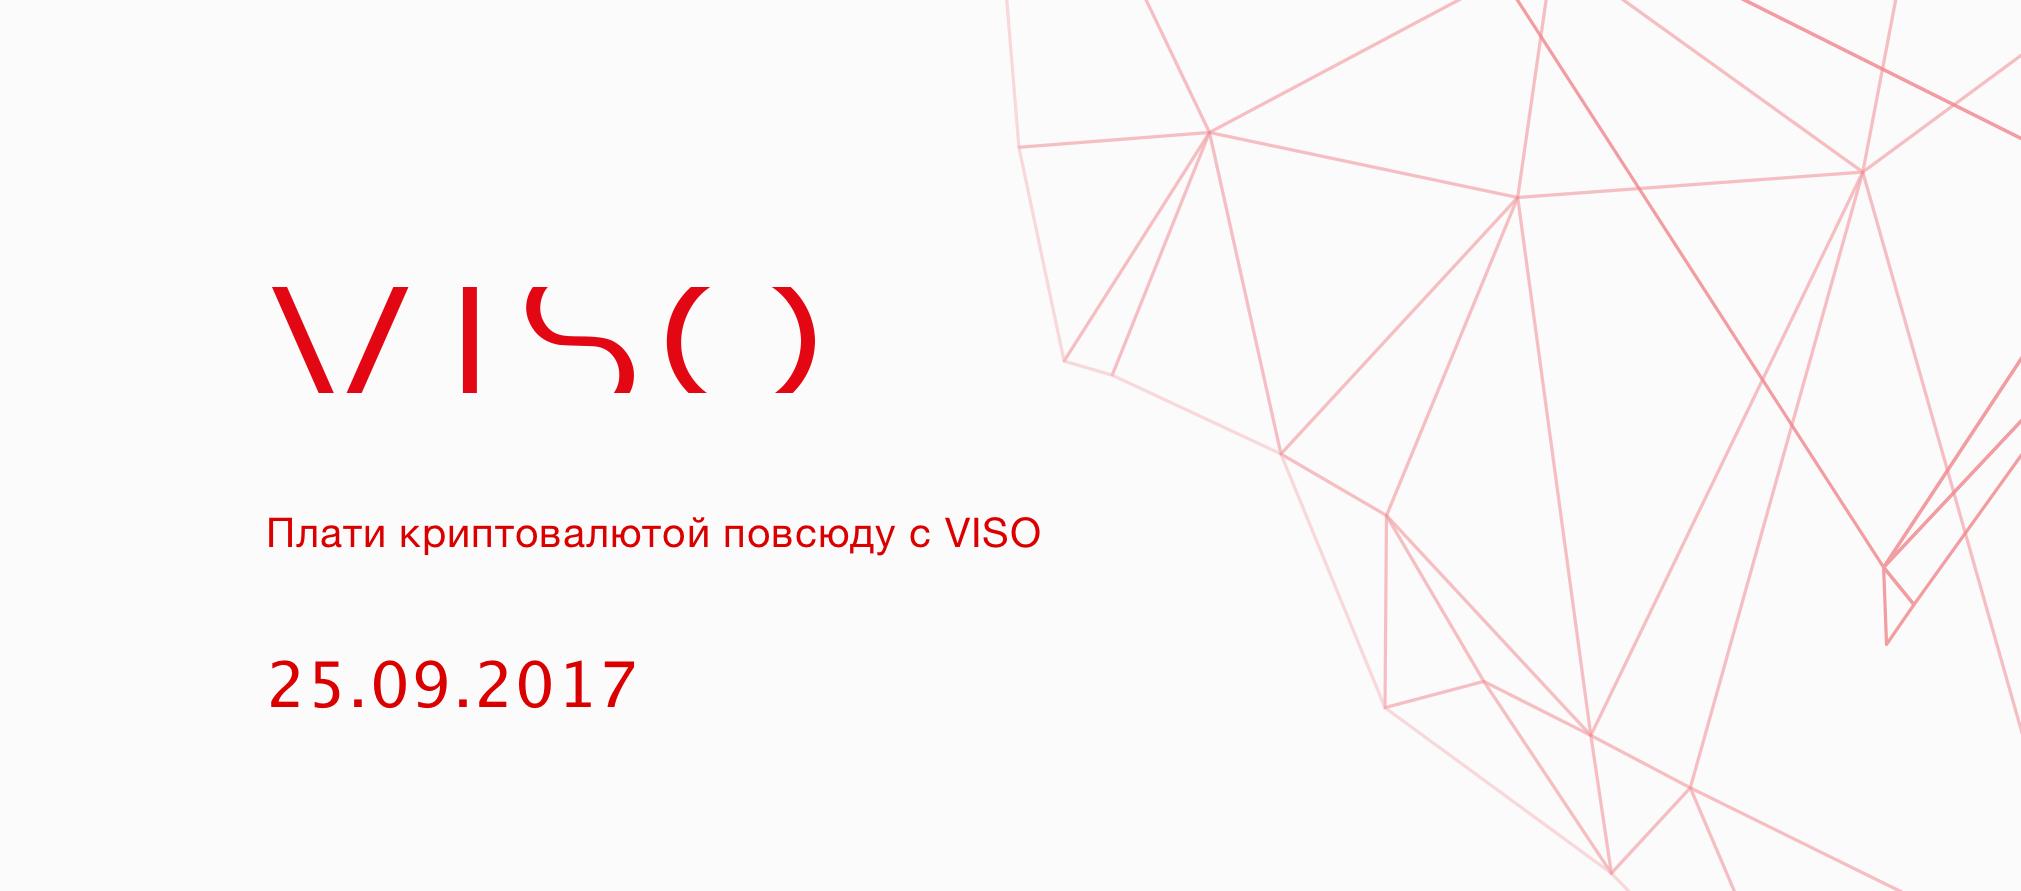 top-ru_62ad328a597a5166d0cce6585c749217.